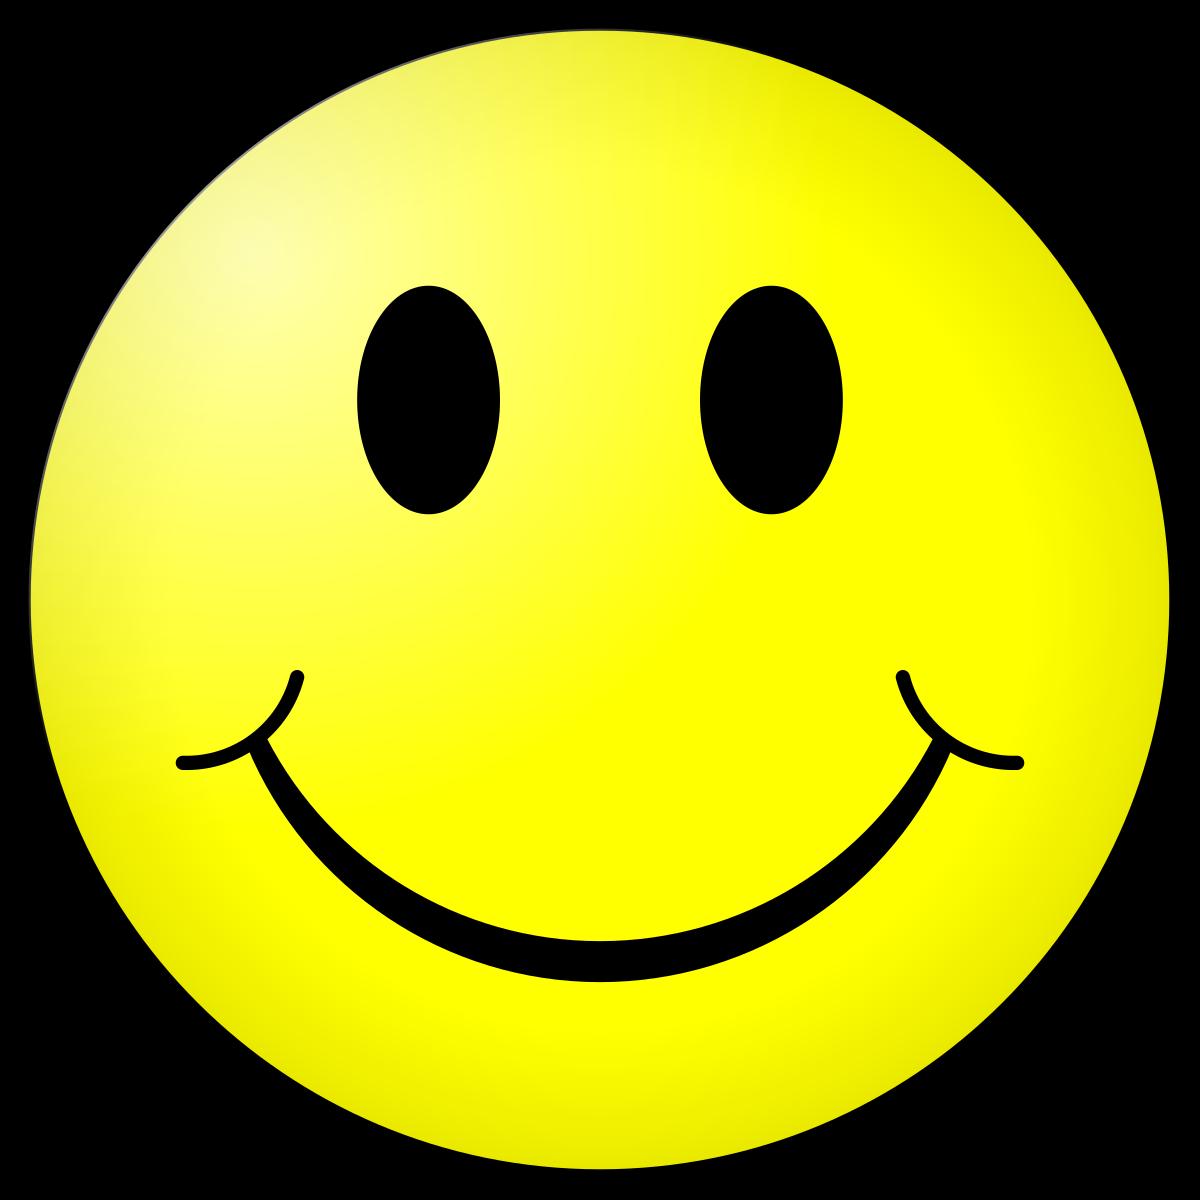 Risultati immagini per smiley face